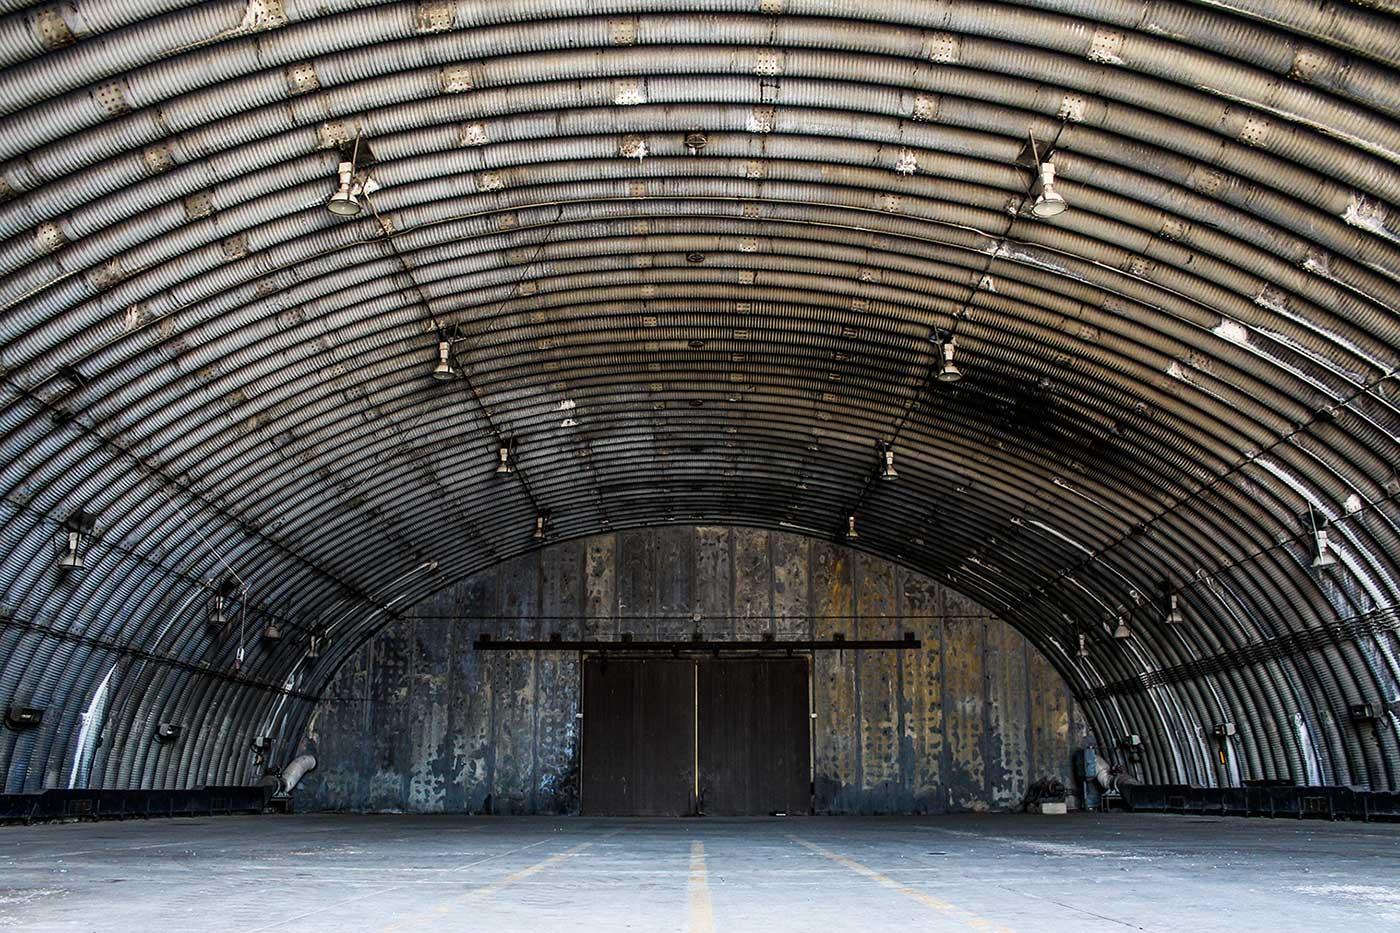 USAF Upper Heyford Hangar